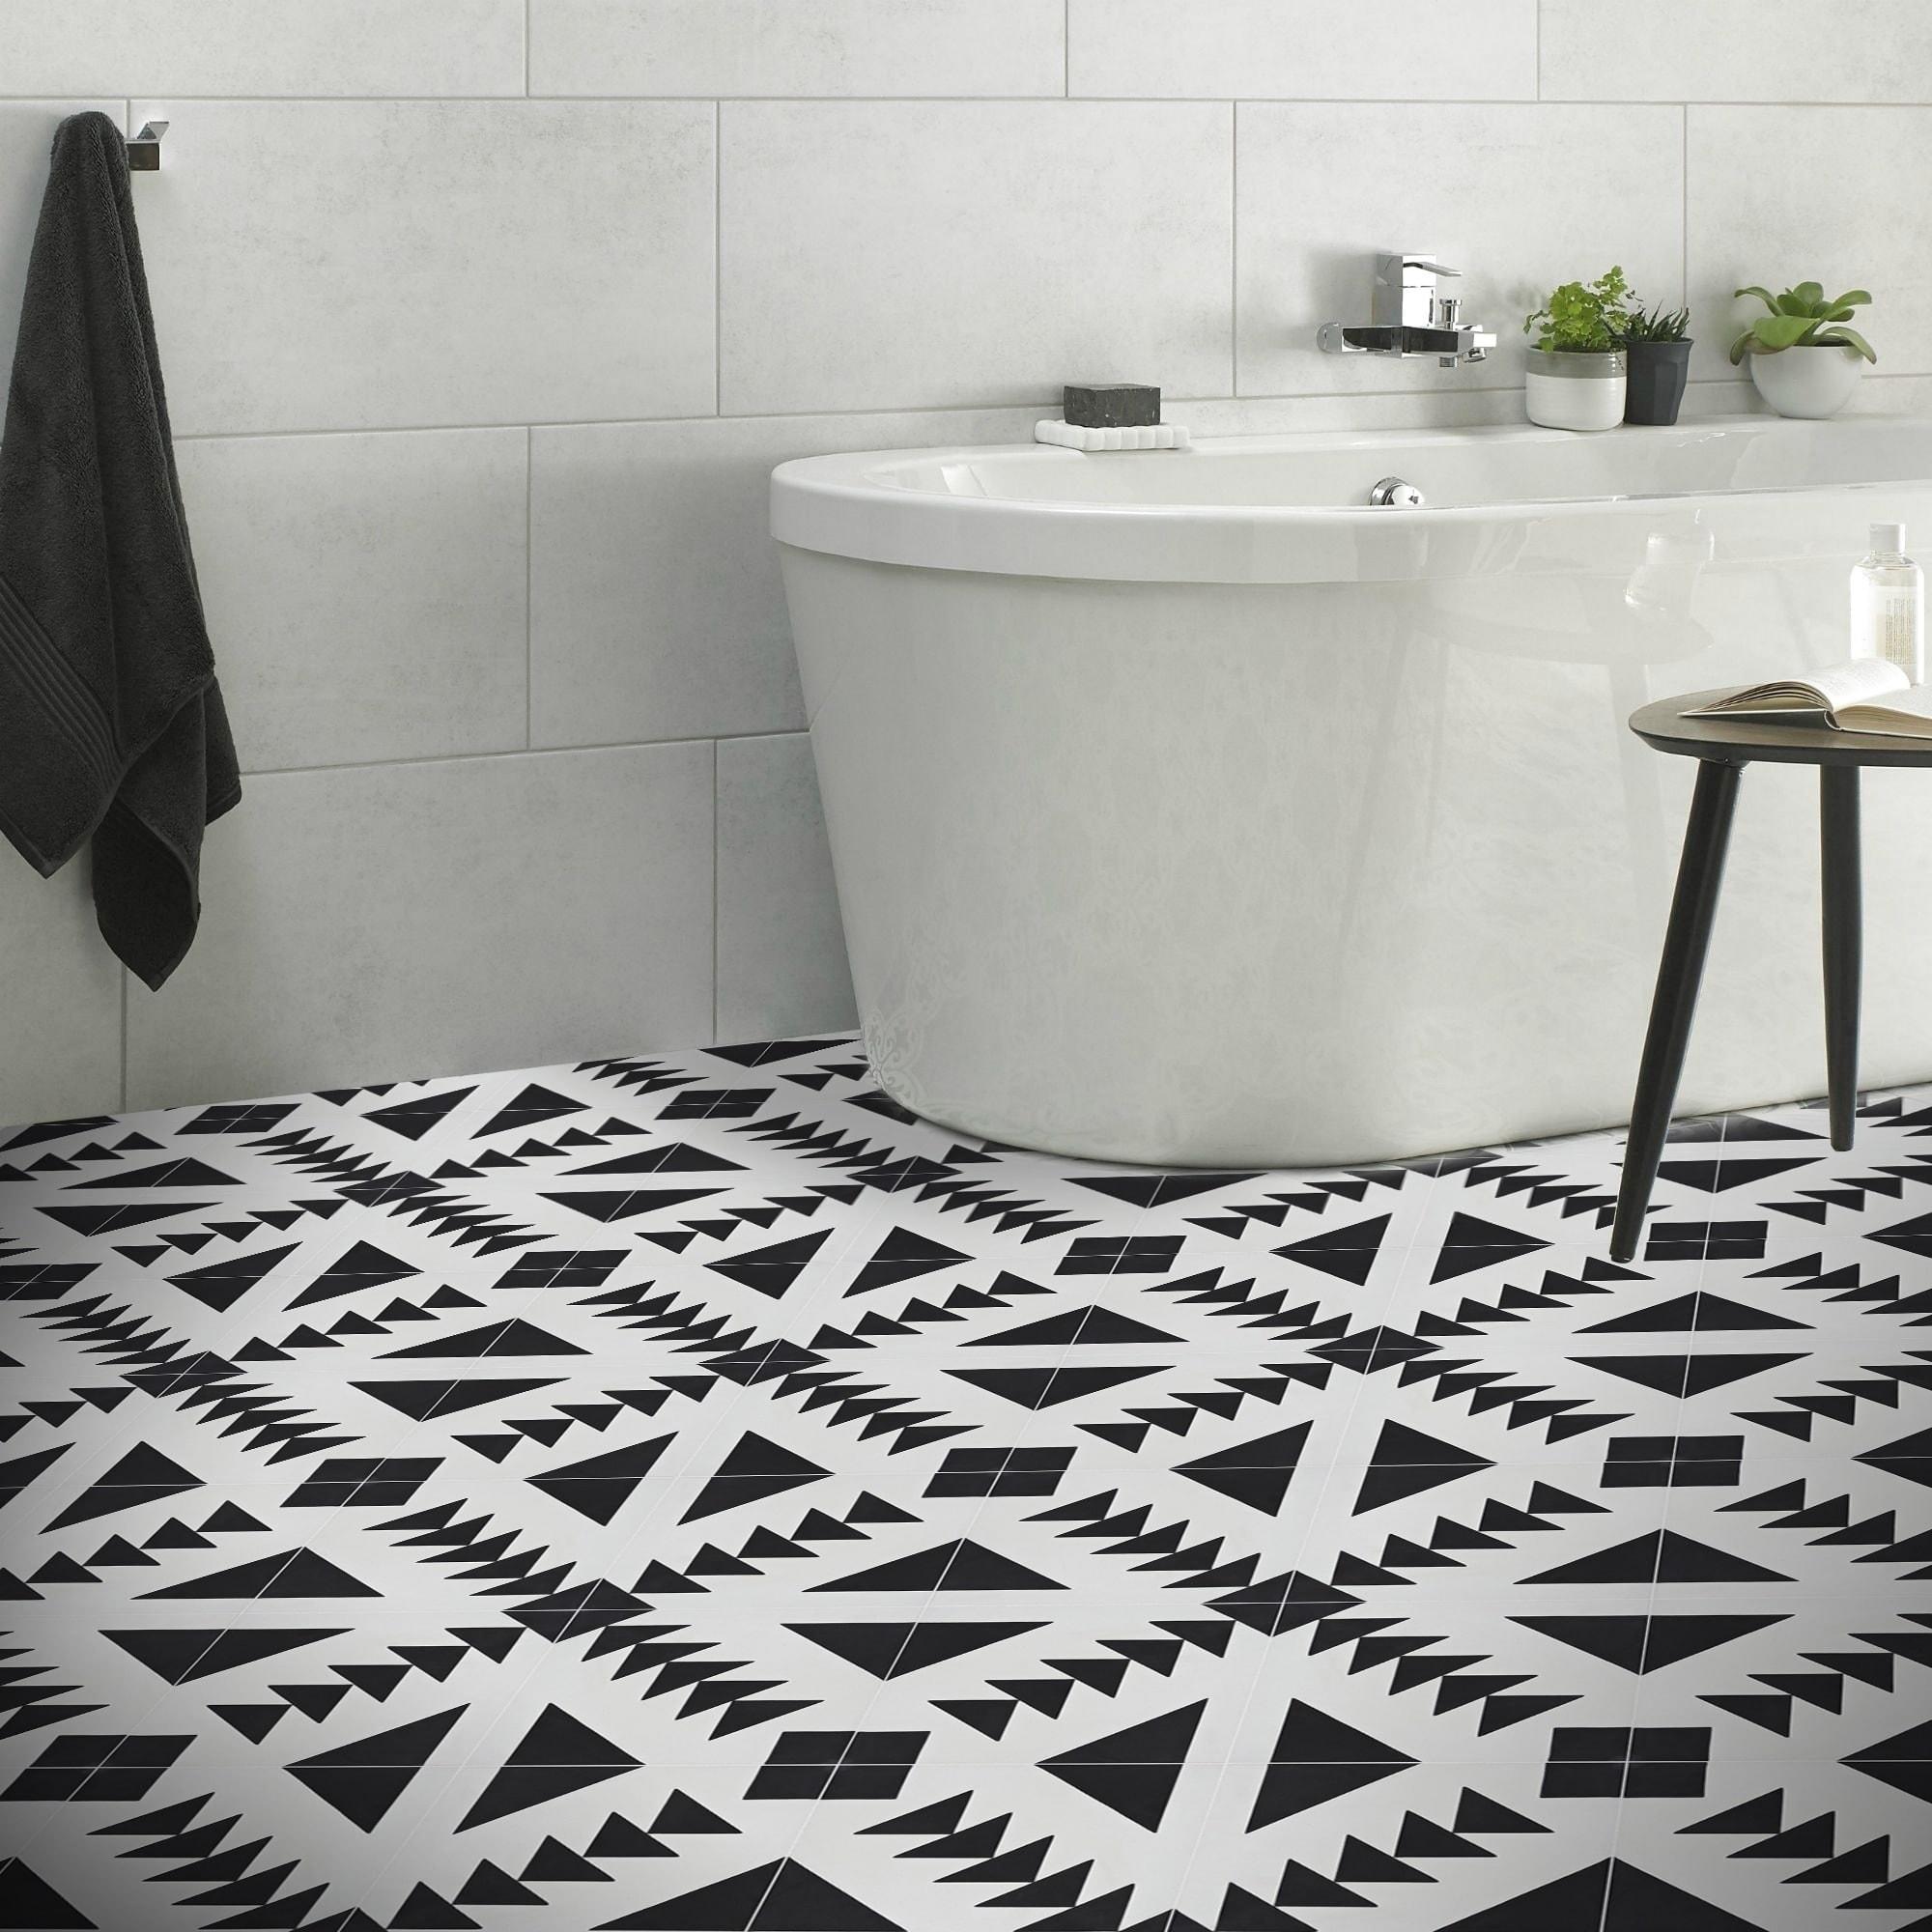 Handmade Tadla In Black And White Tile